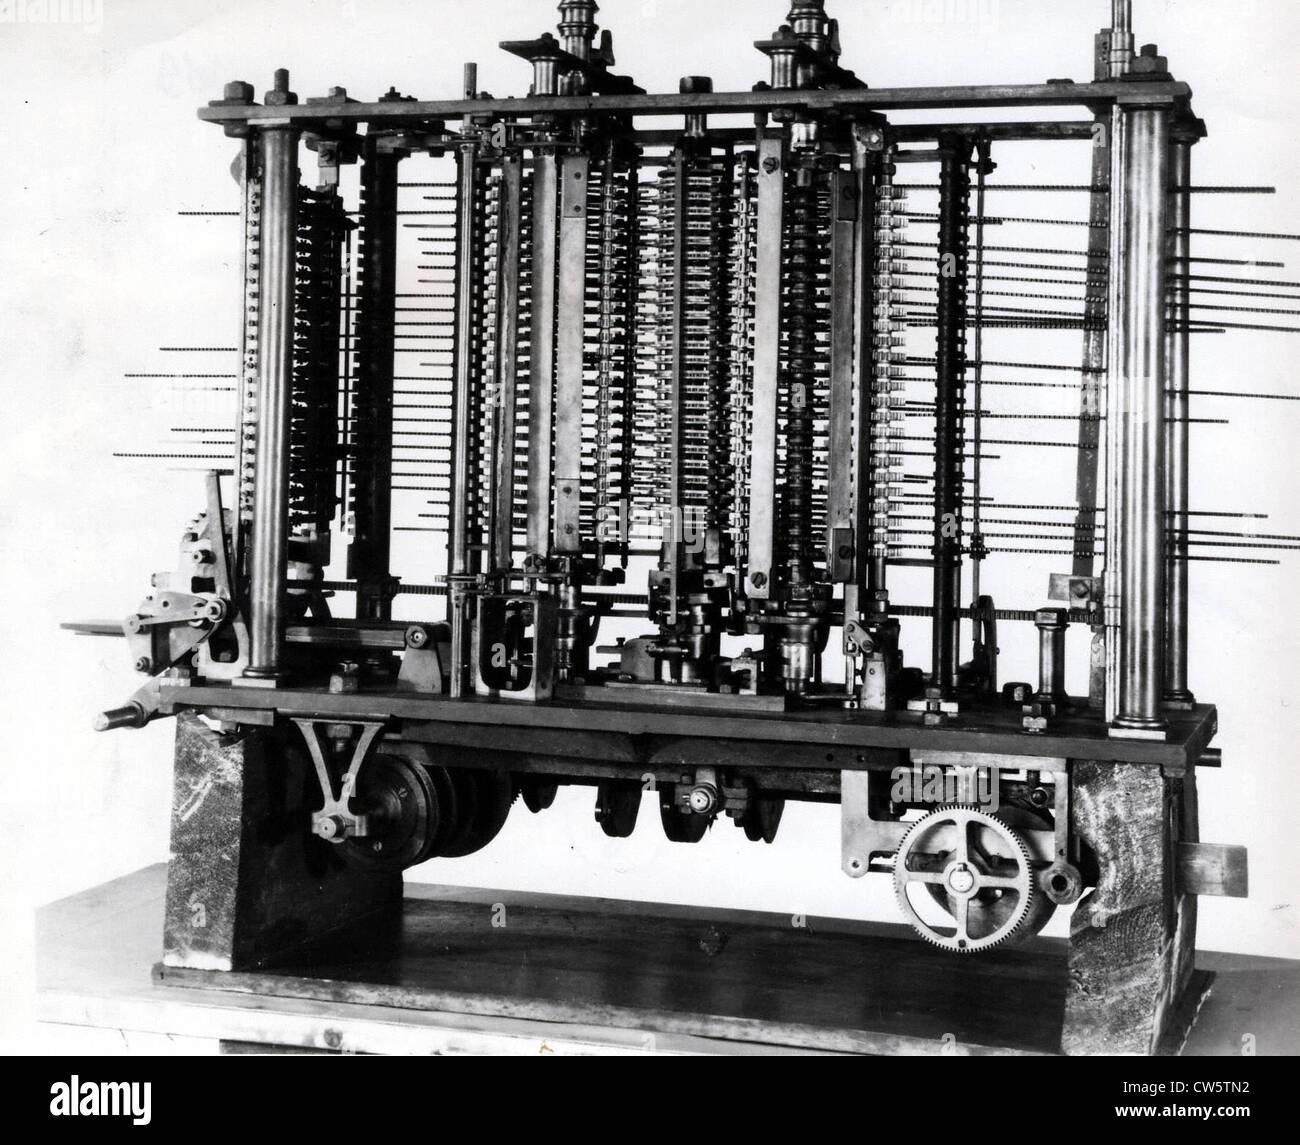 Analytical machine of Charles Babbage - Stock Image